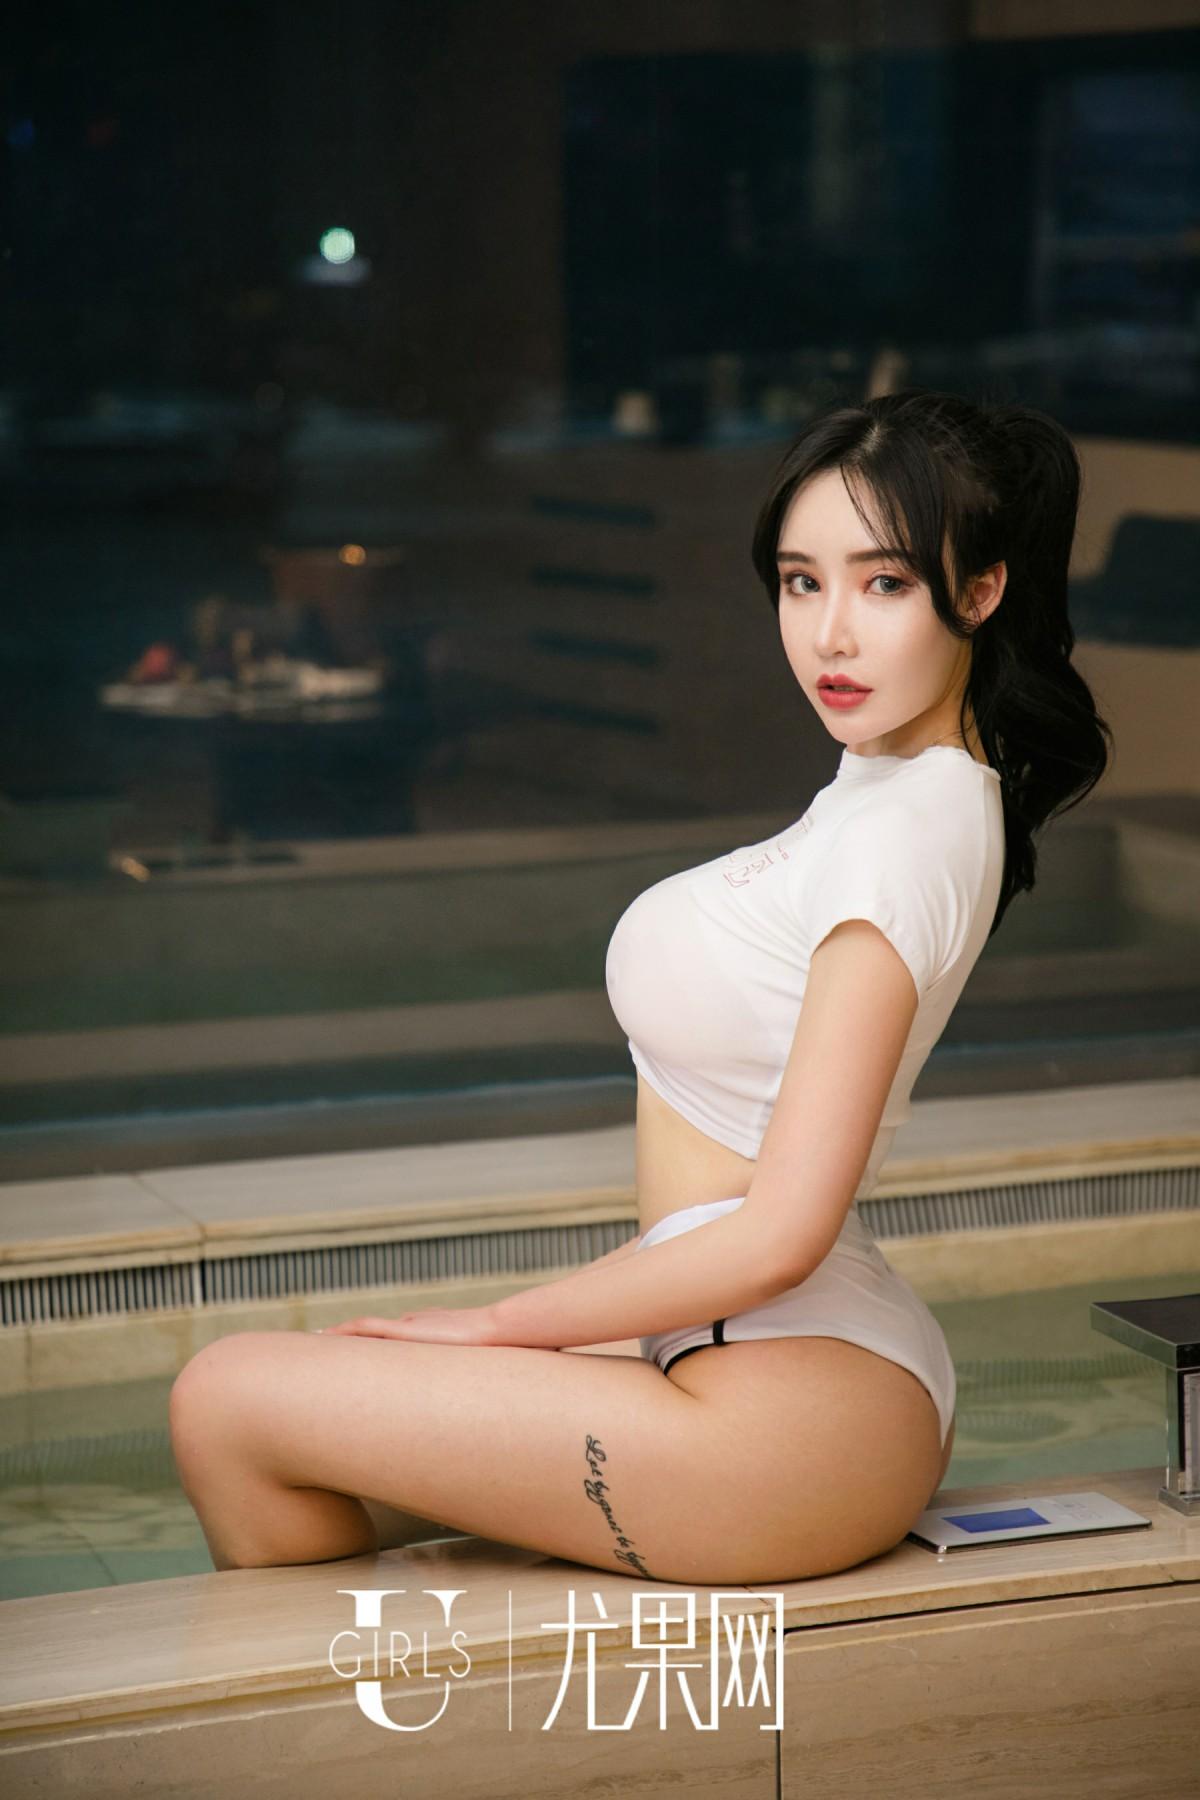 [Ugirls尤果网]2019.03.15 U418 陈幼伊